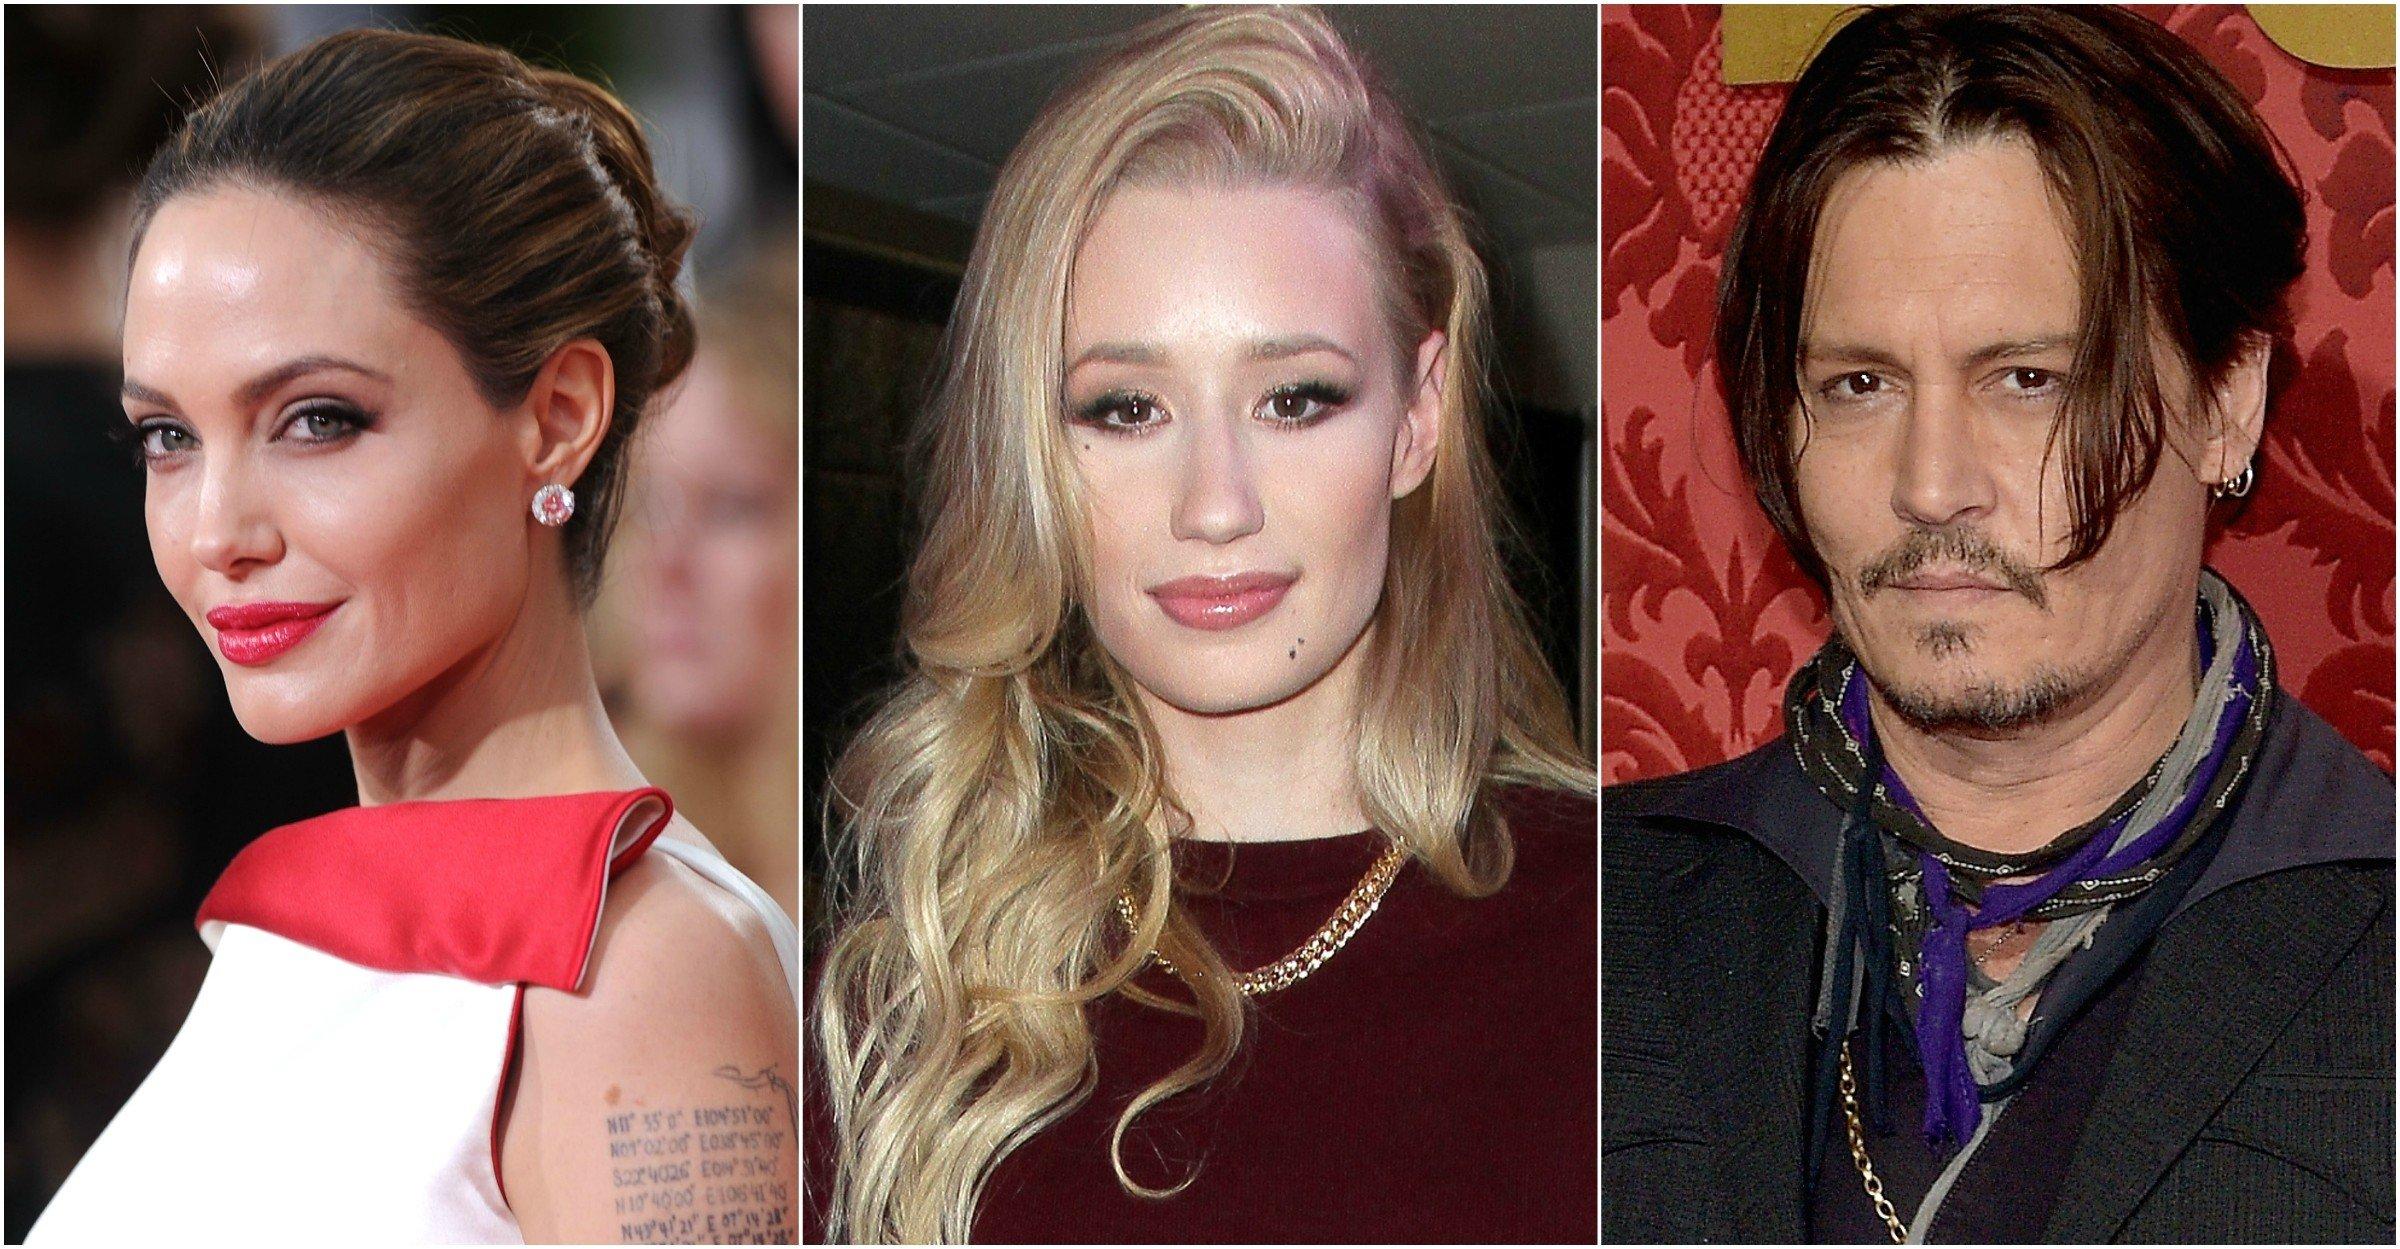 abre apagaram tatuagem ex.jpg?resize=1200,630 - Essas 10 celebridades de Hollywood tiveram segredos vazados por antigos colegas